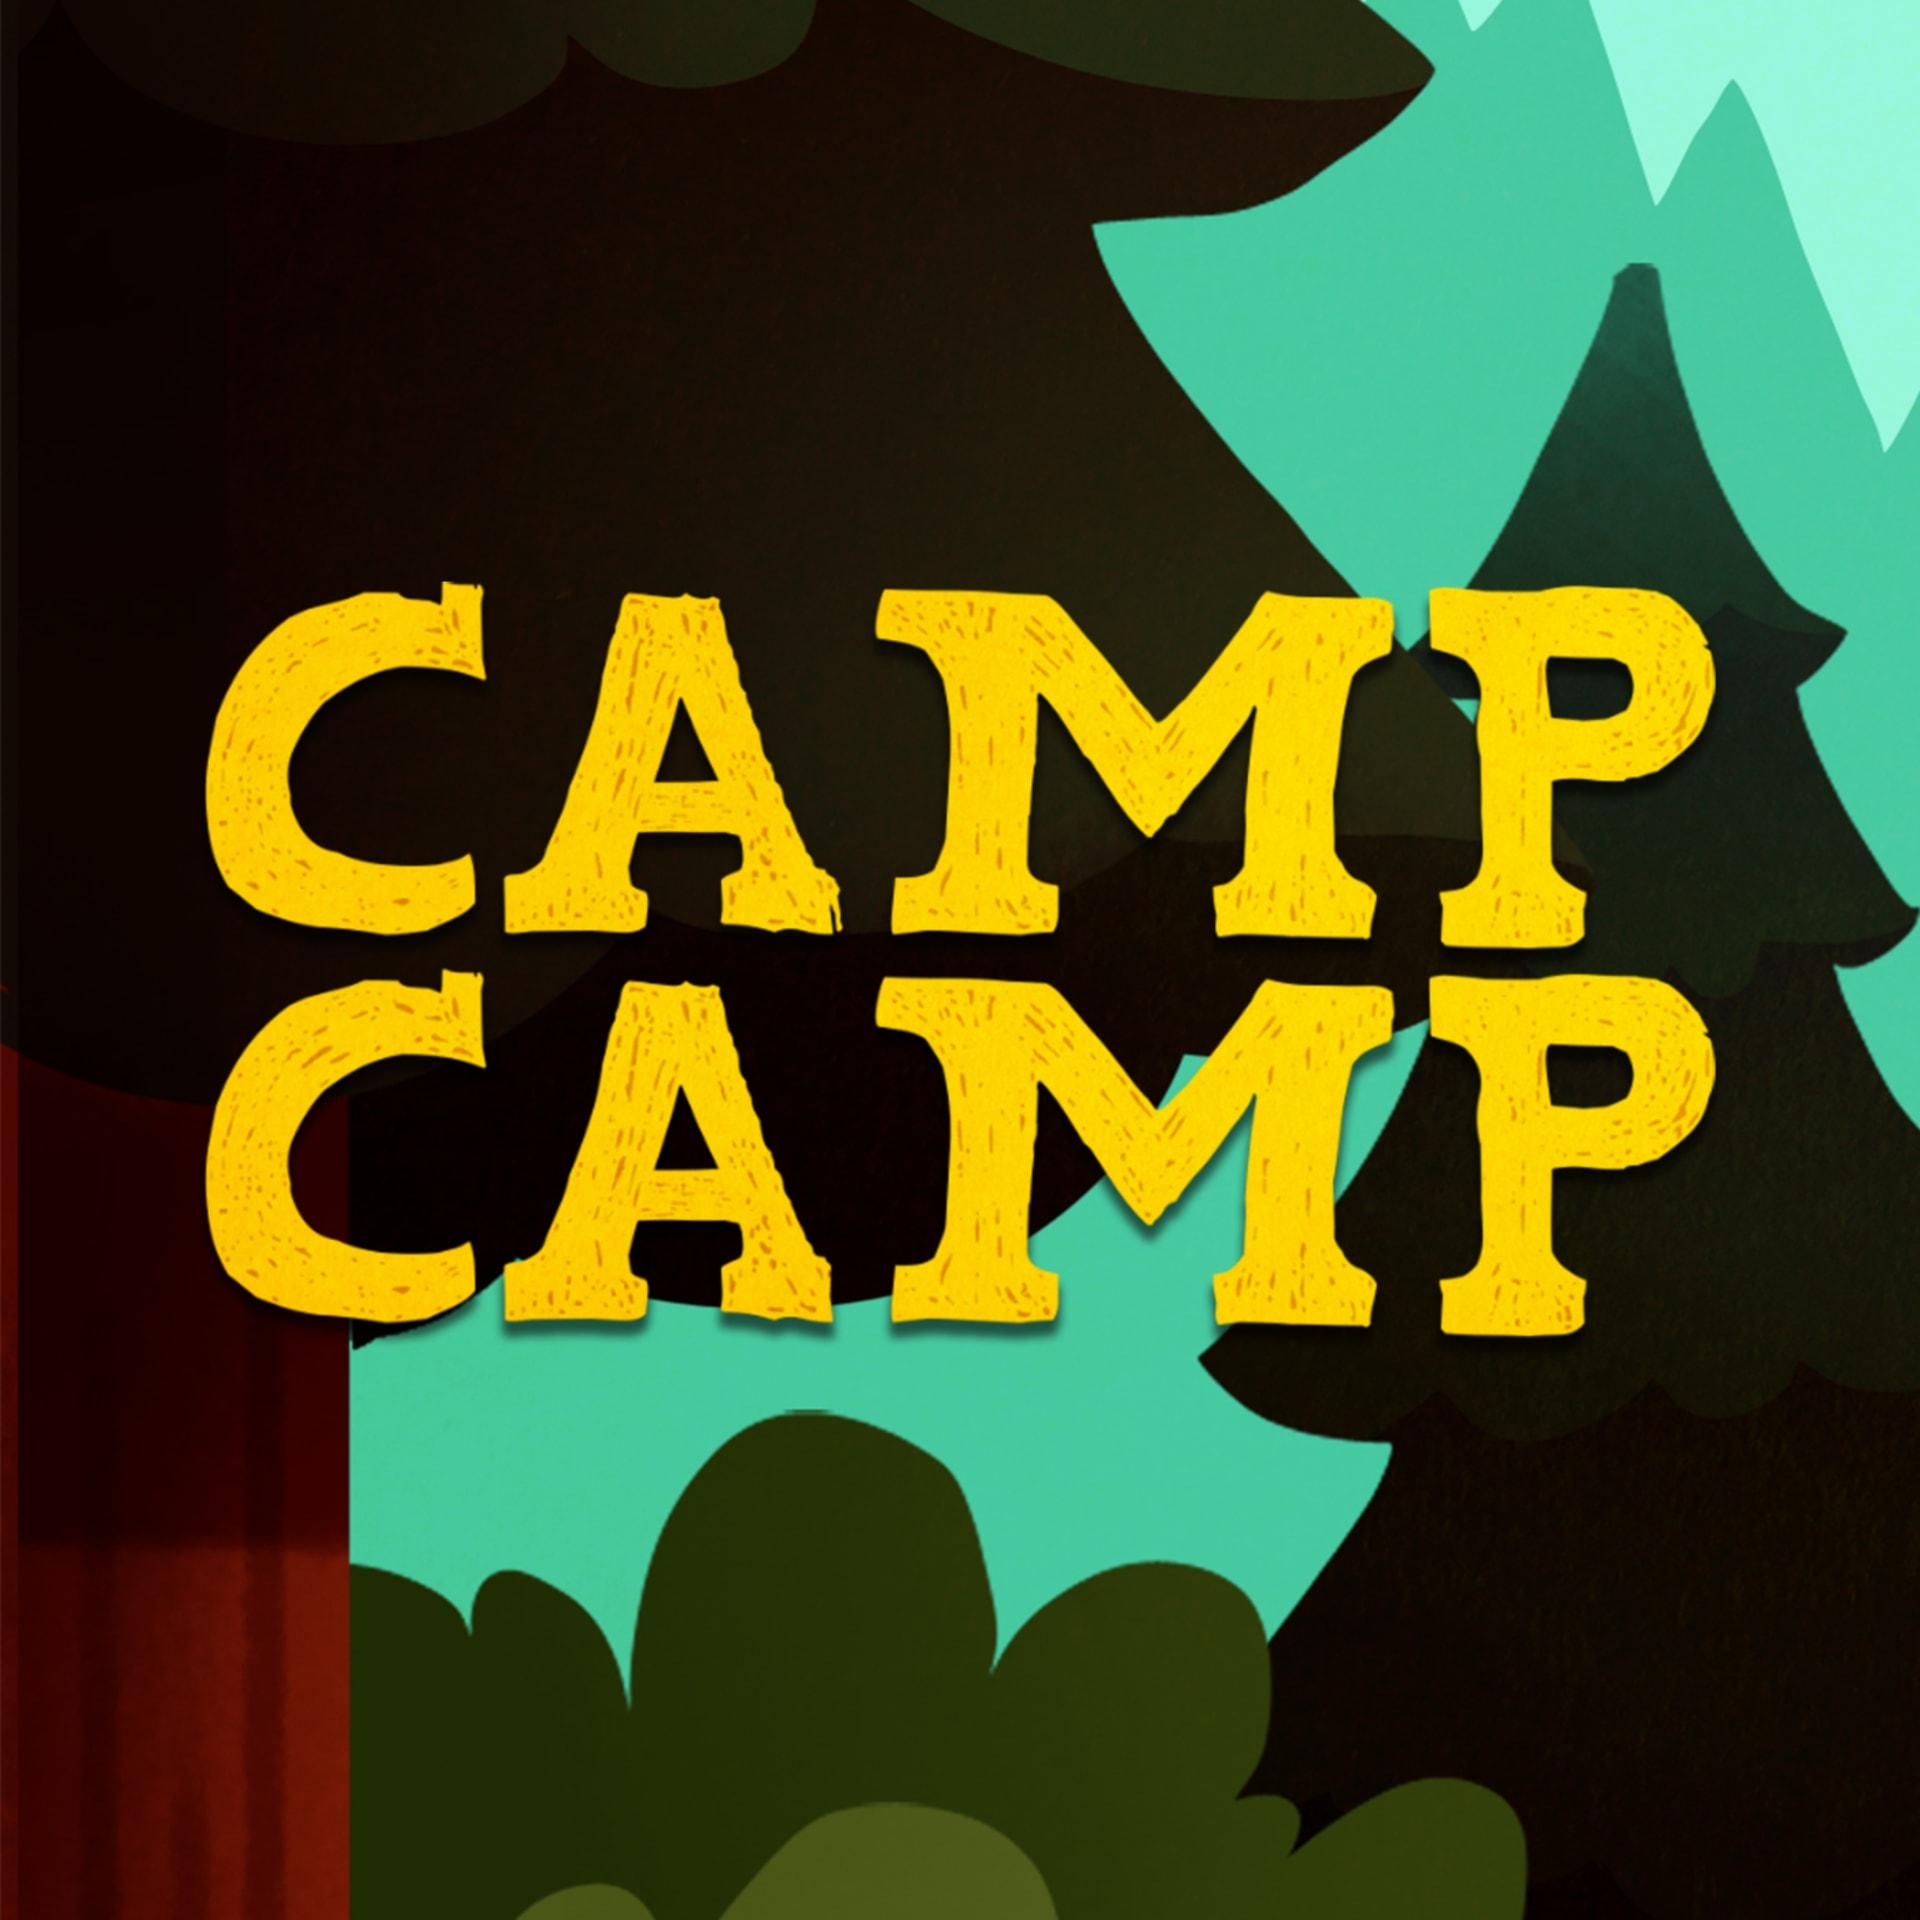 Series Camp Camp - Rooster Teeth